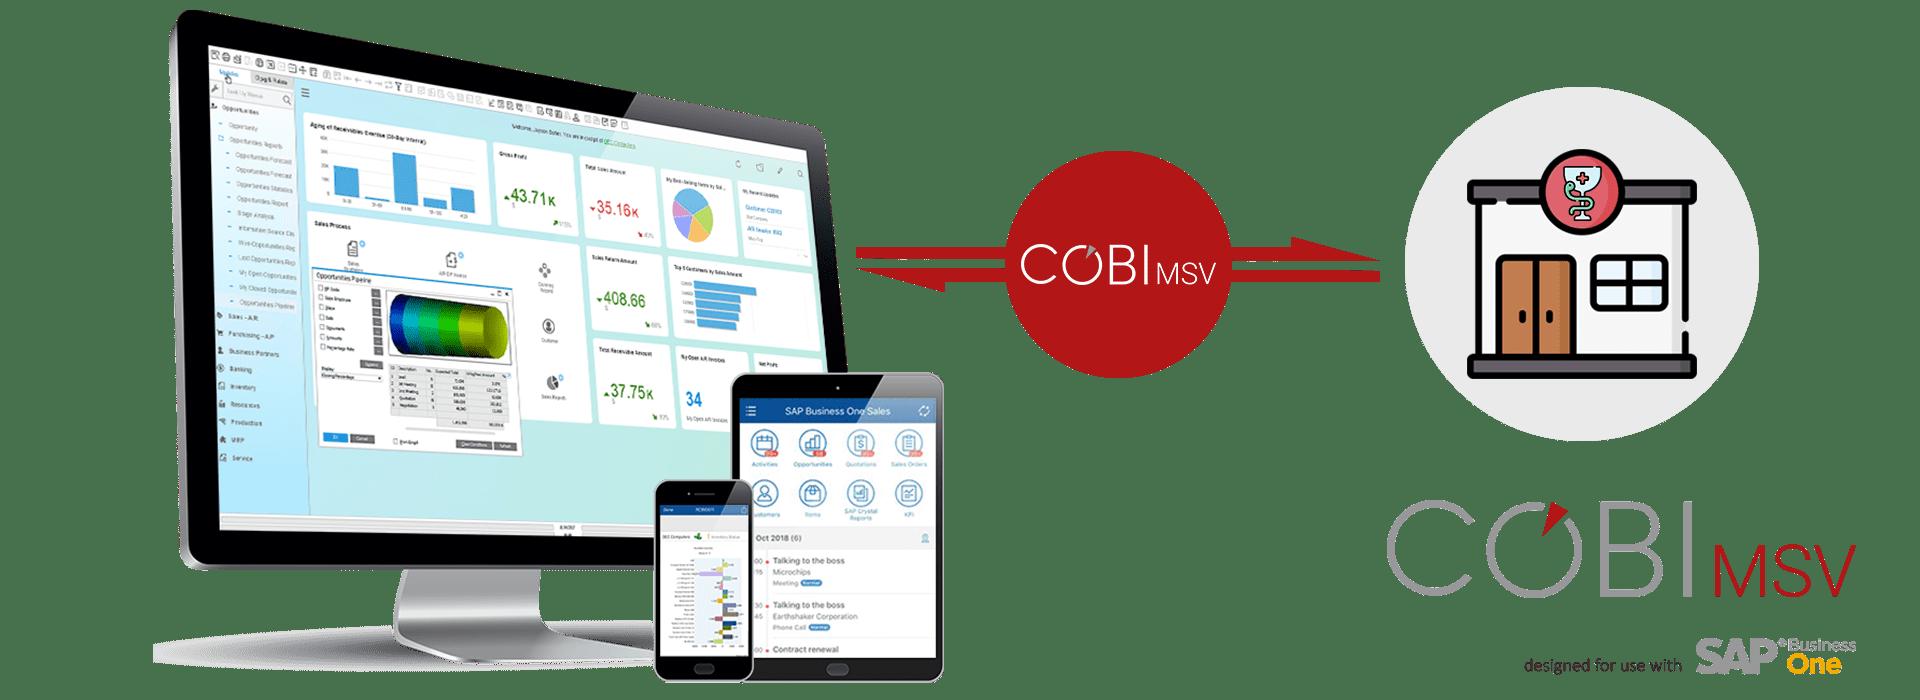 Startseite COBImsv